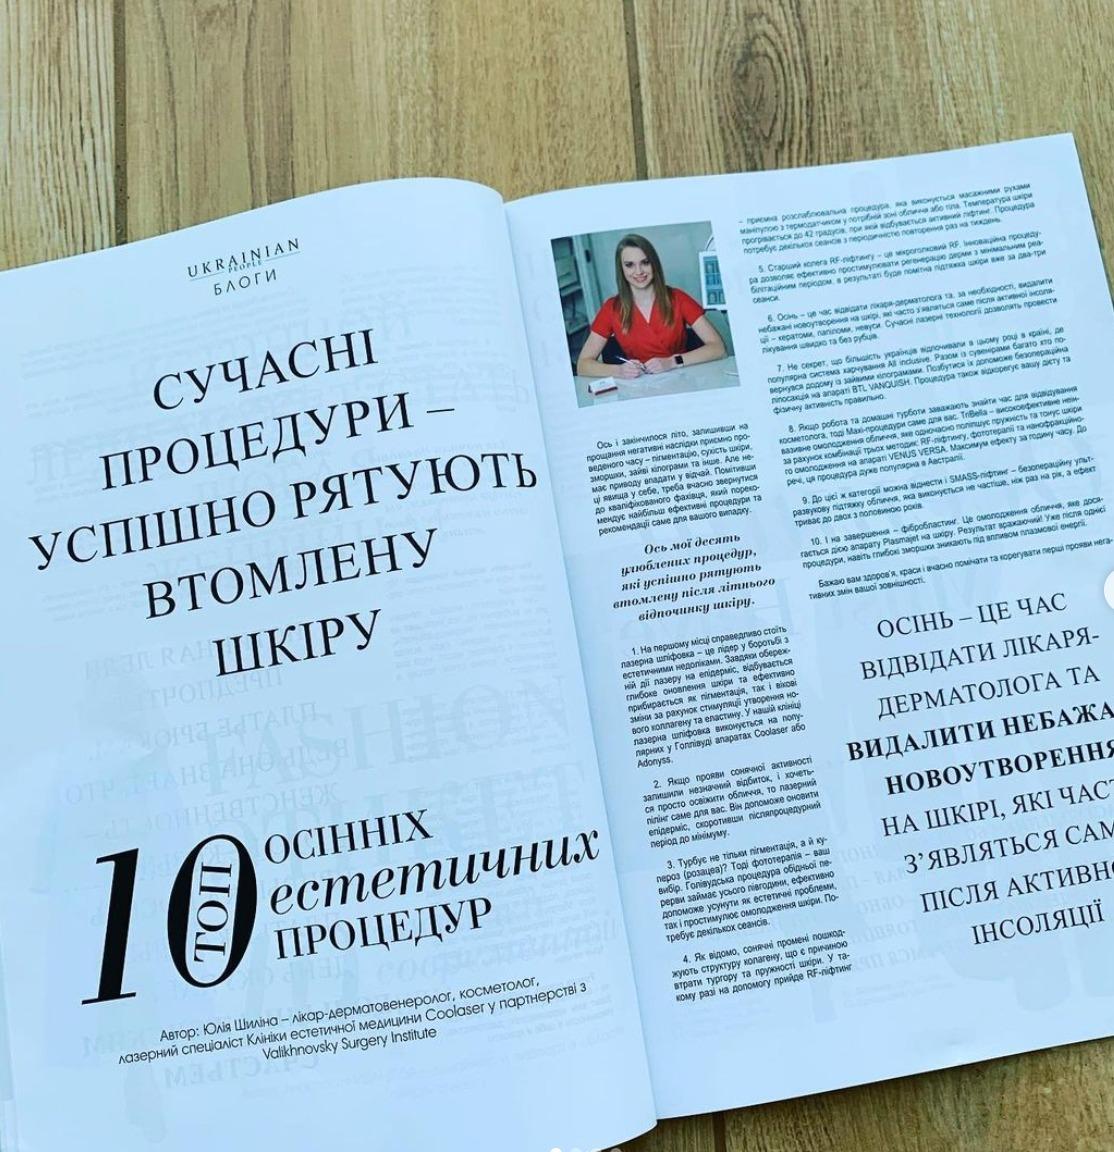 ТОП10 осенних процедур журнал Фото